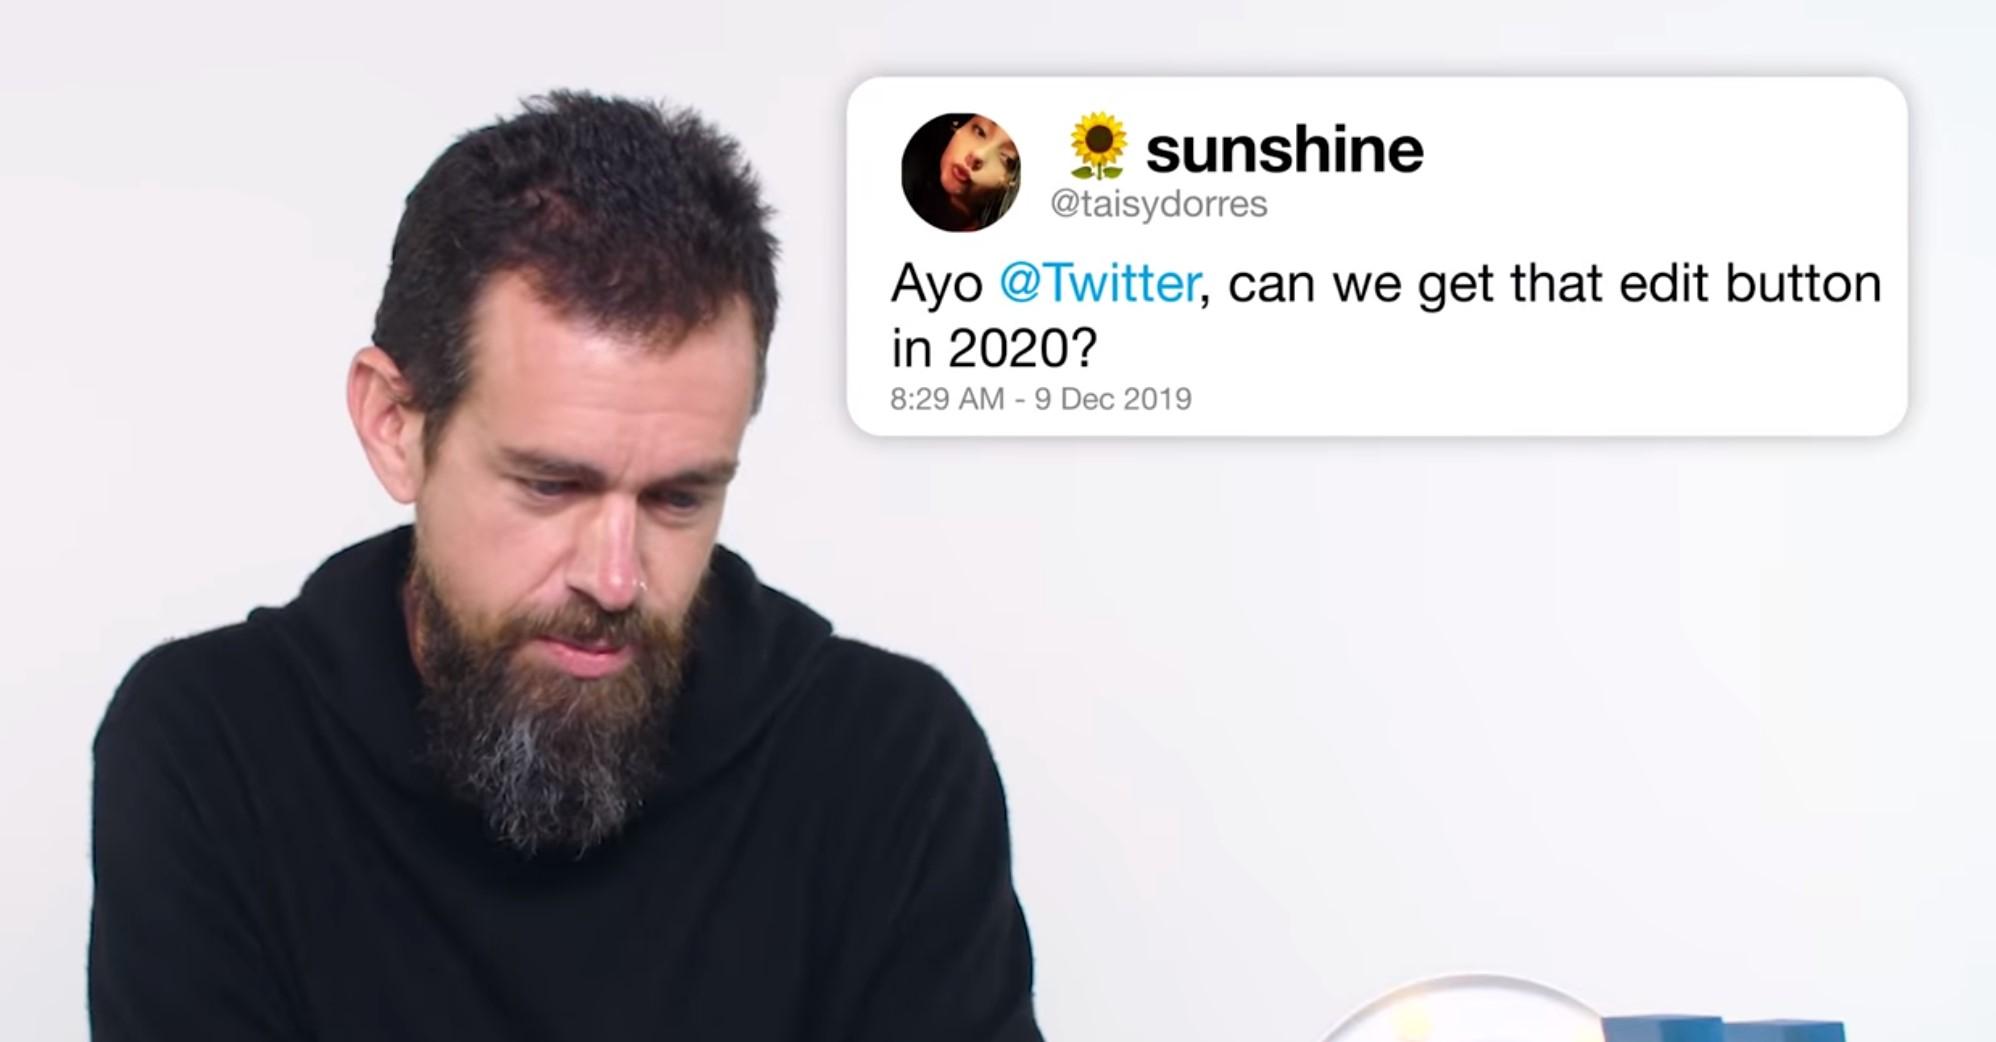 Twitter nenabídne možnost editování, vzkazuje Jack Dorsey